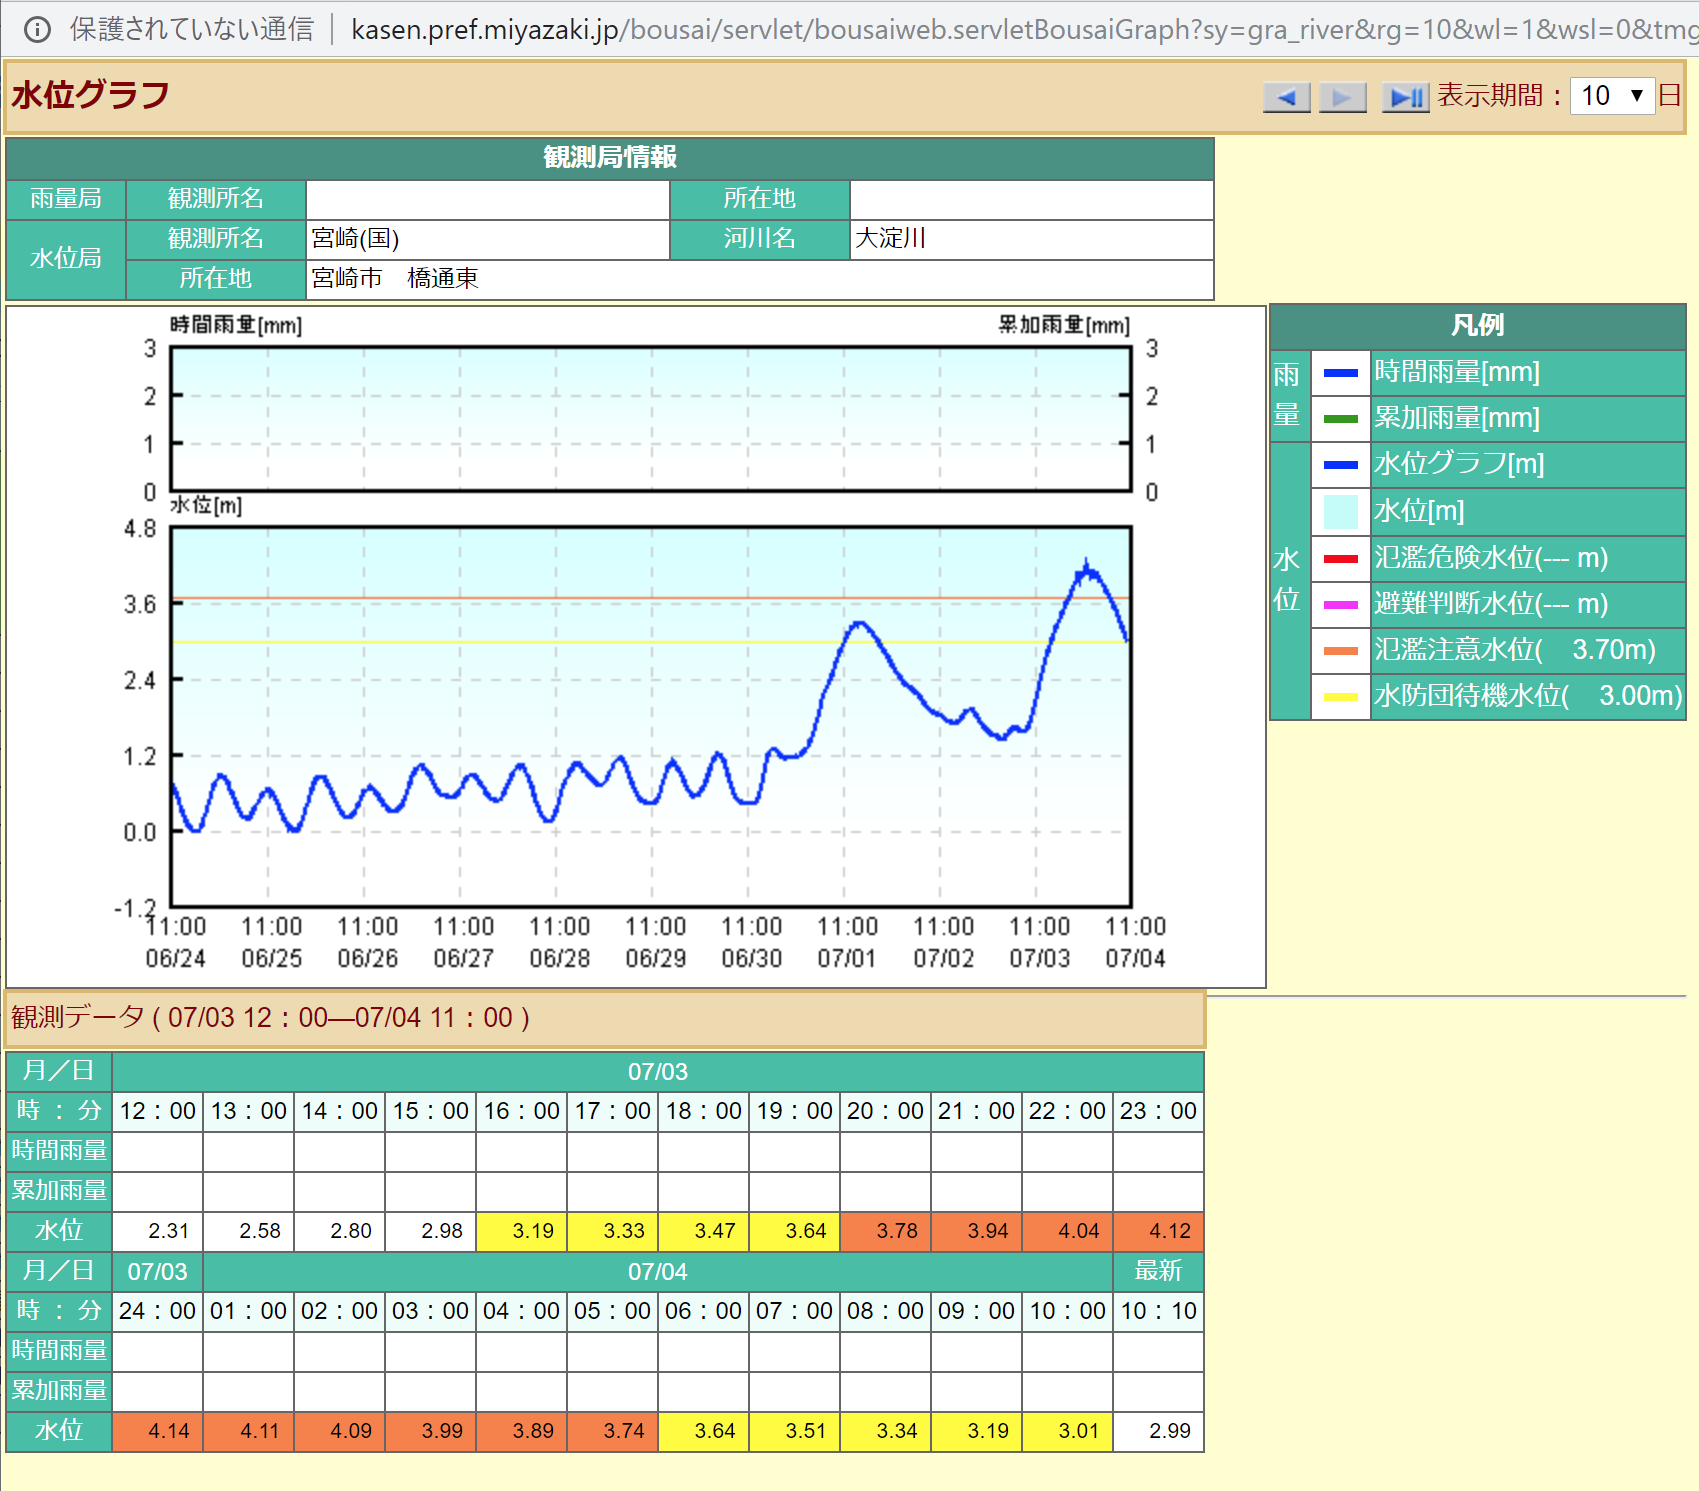 過去10日間の大淀川の水位